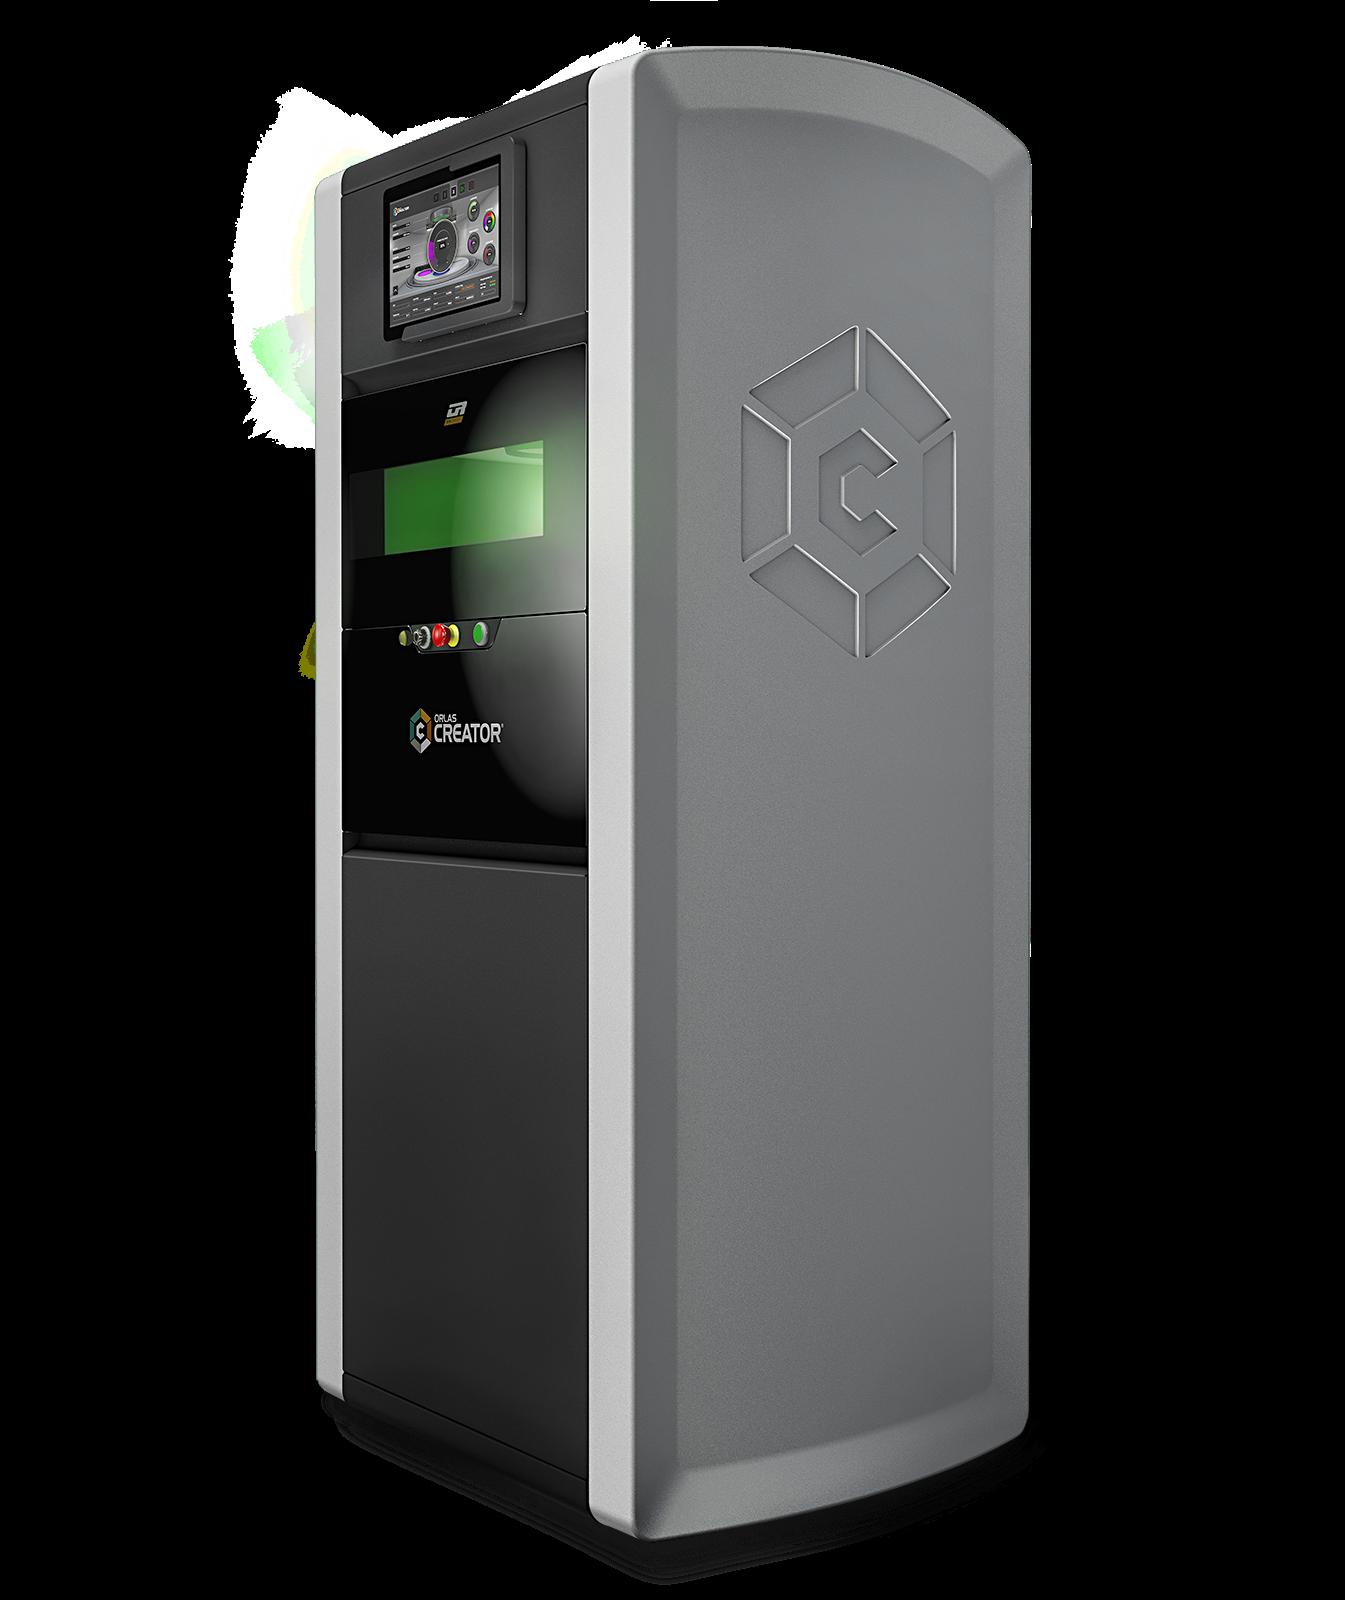 Εικόνα για την κατηγορία CREATOR Metal 3D Printer for Precision Components